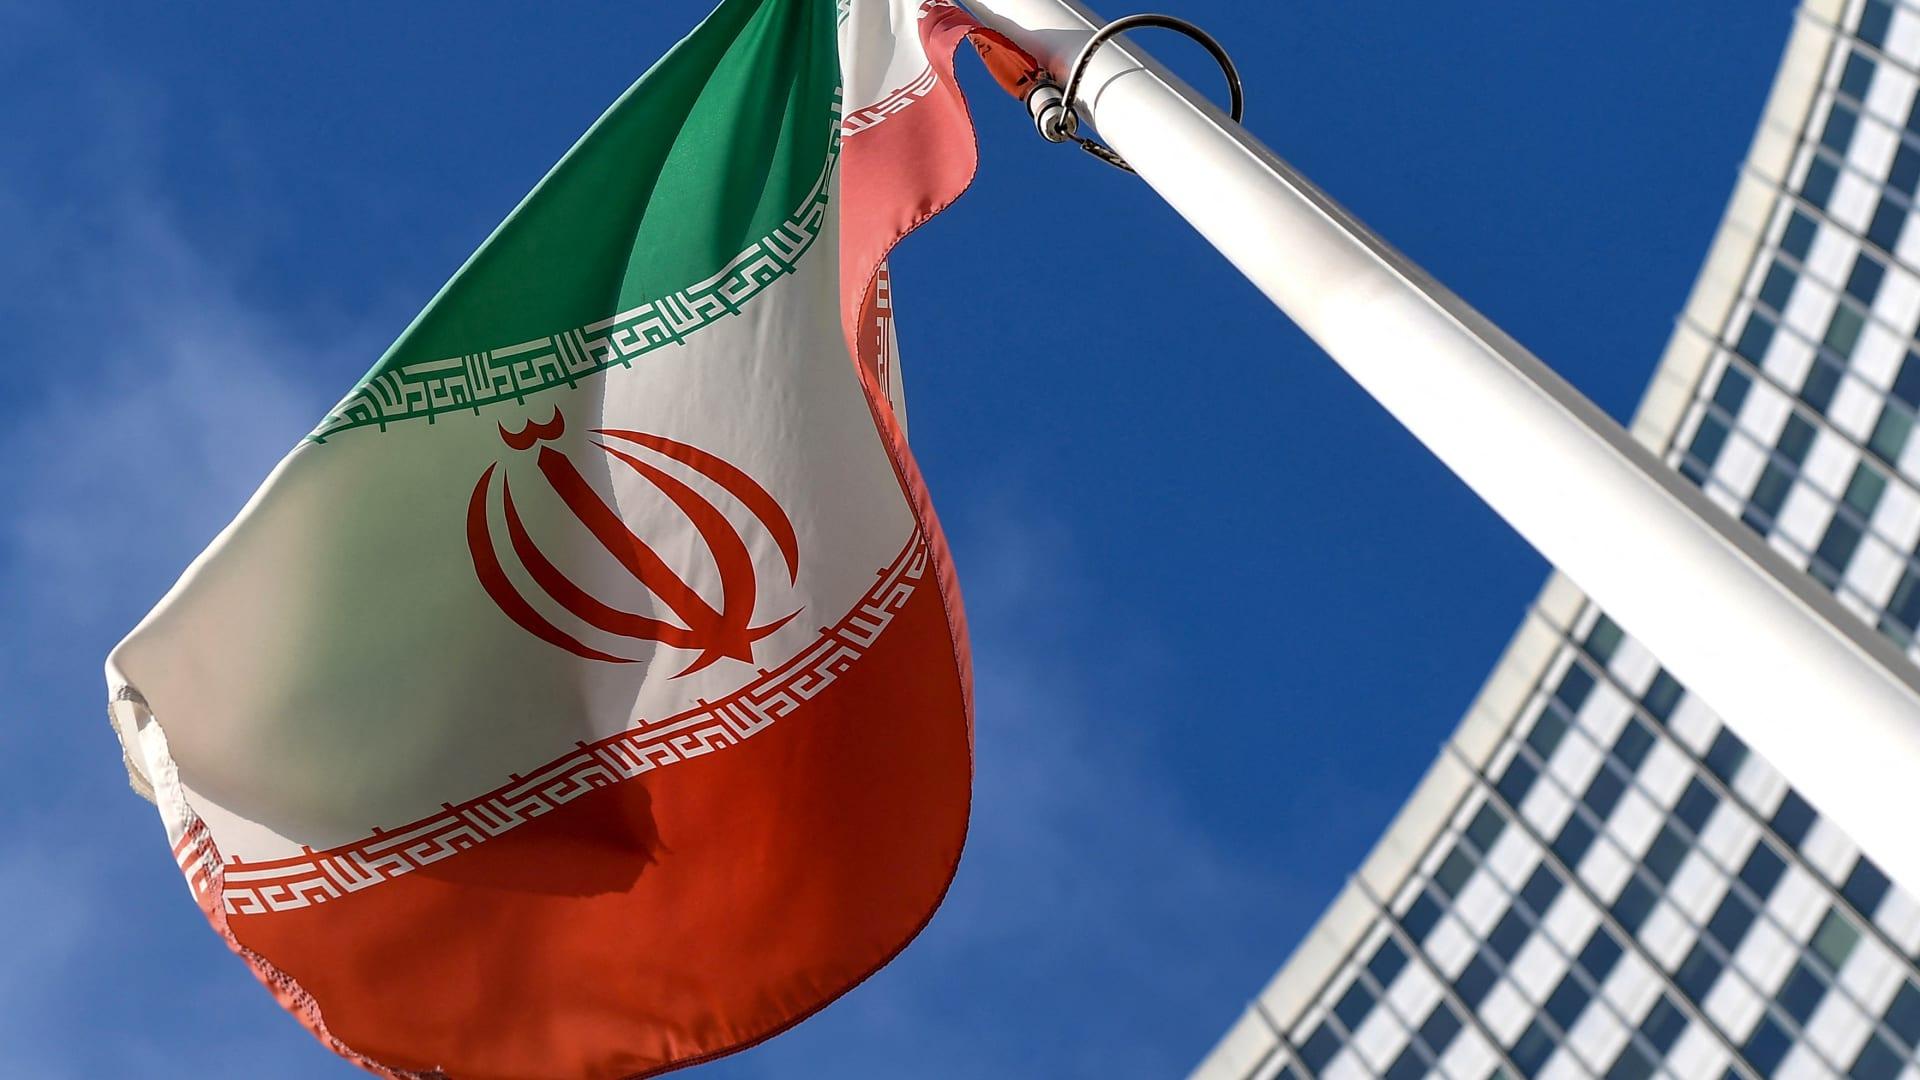 إيران تعلن إنتاج اليورانويم المخصب بنسبة 60%.. وقاليباف: سنُفشل المؤامرات